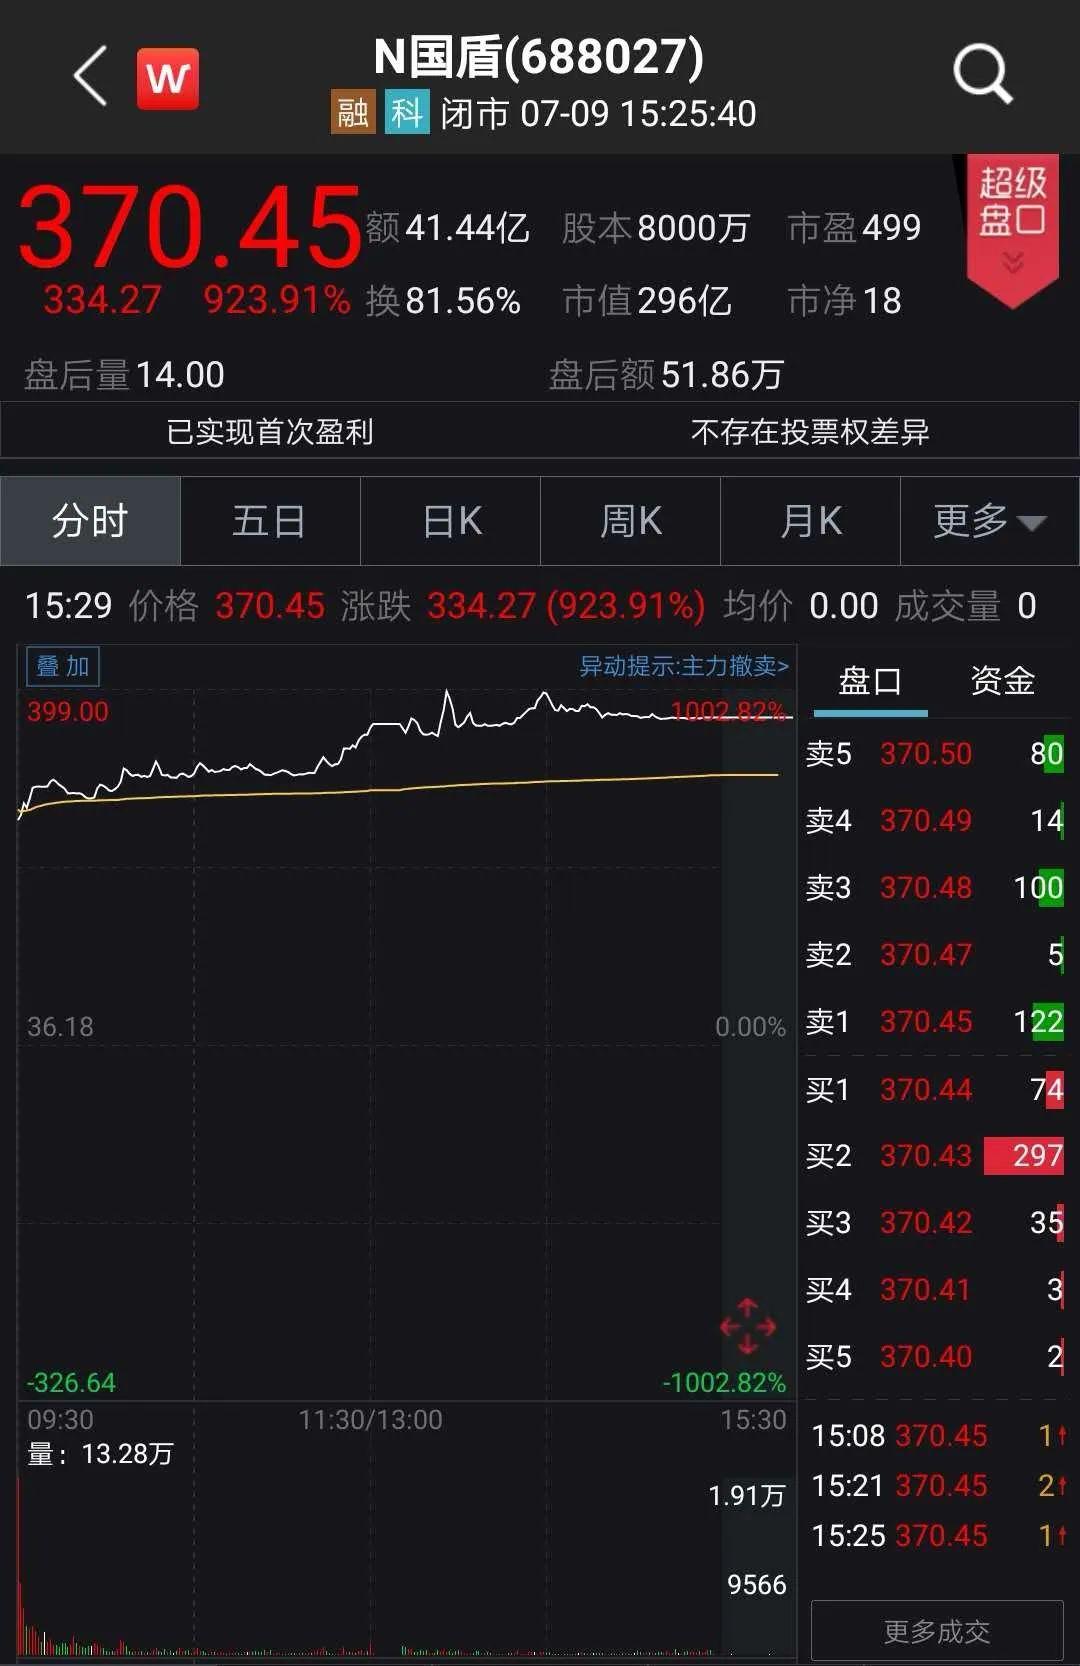 震惊A股:首日狂涨1000%